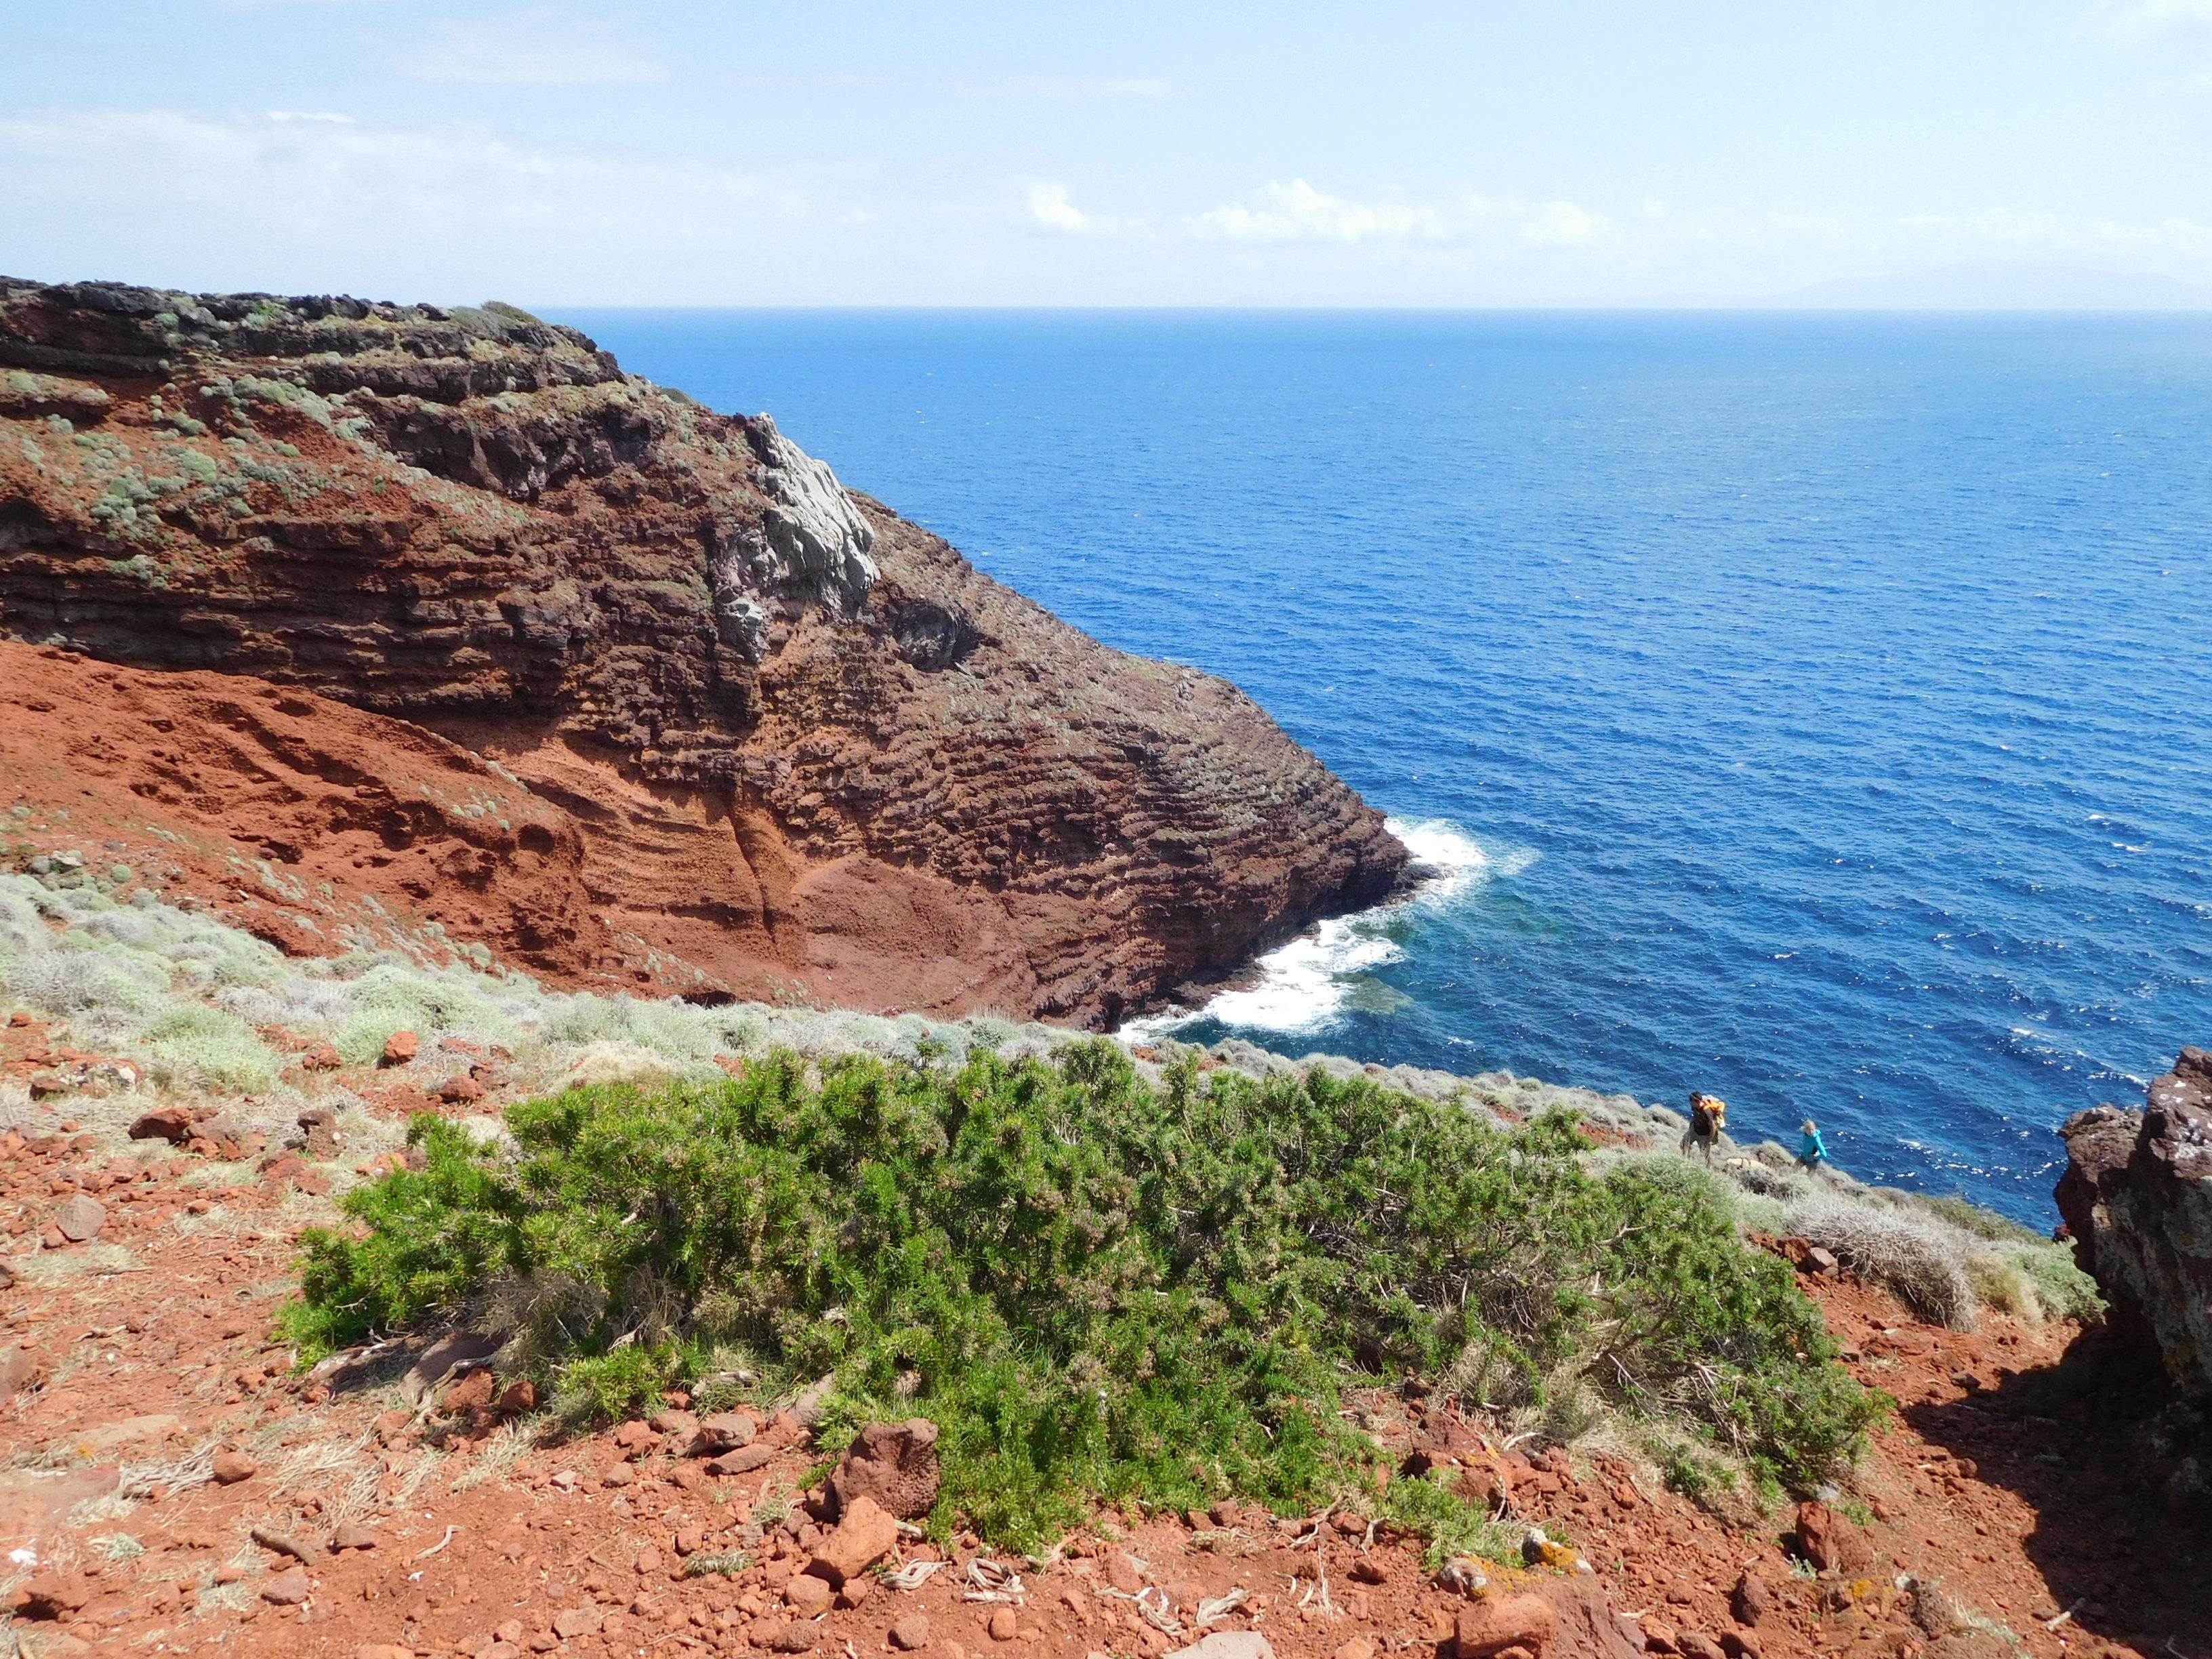 Capraia isola Trekking | Trekkilandi